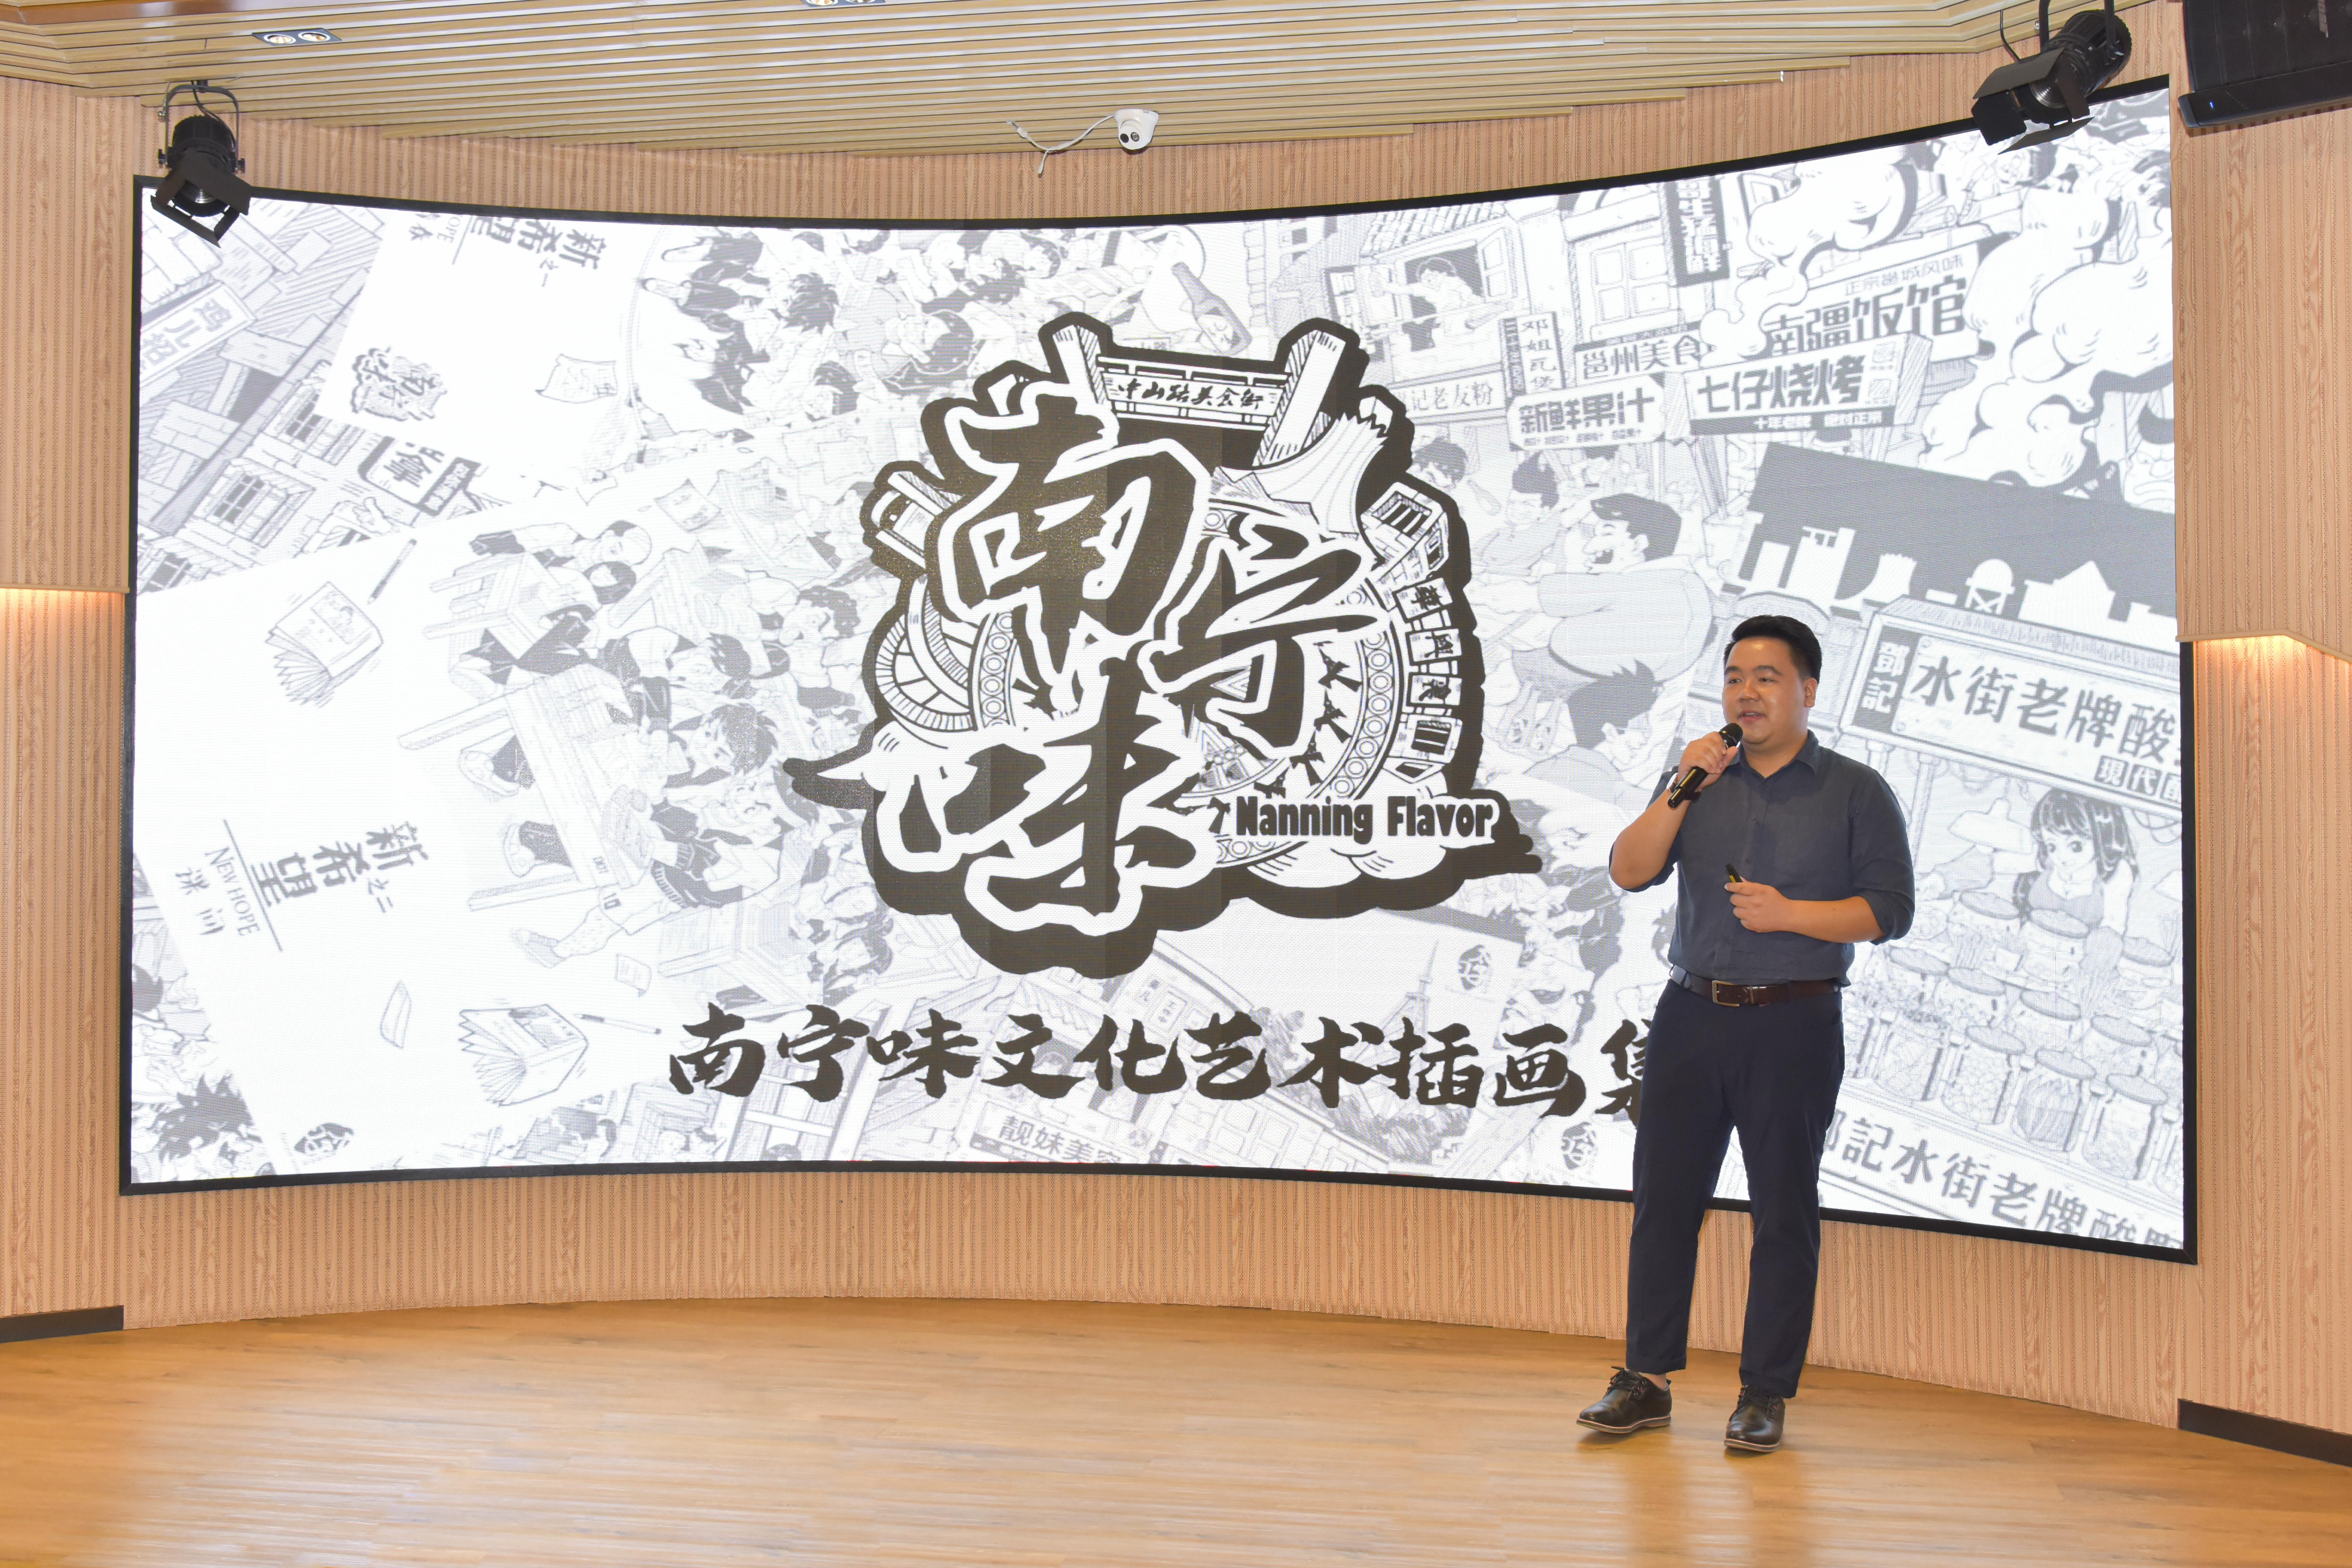 2019年中国-东盟新型智慧城市协同创新大赛动漫分赛决赛在南宁成功举办-ANICOGA